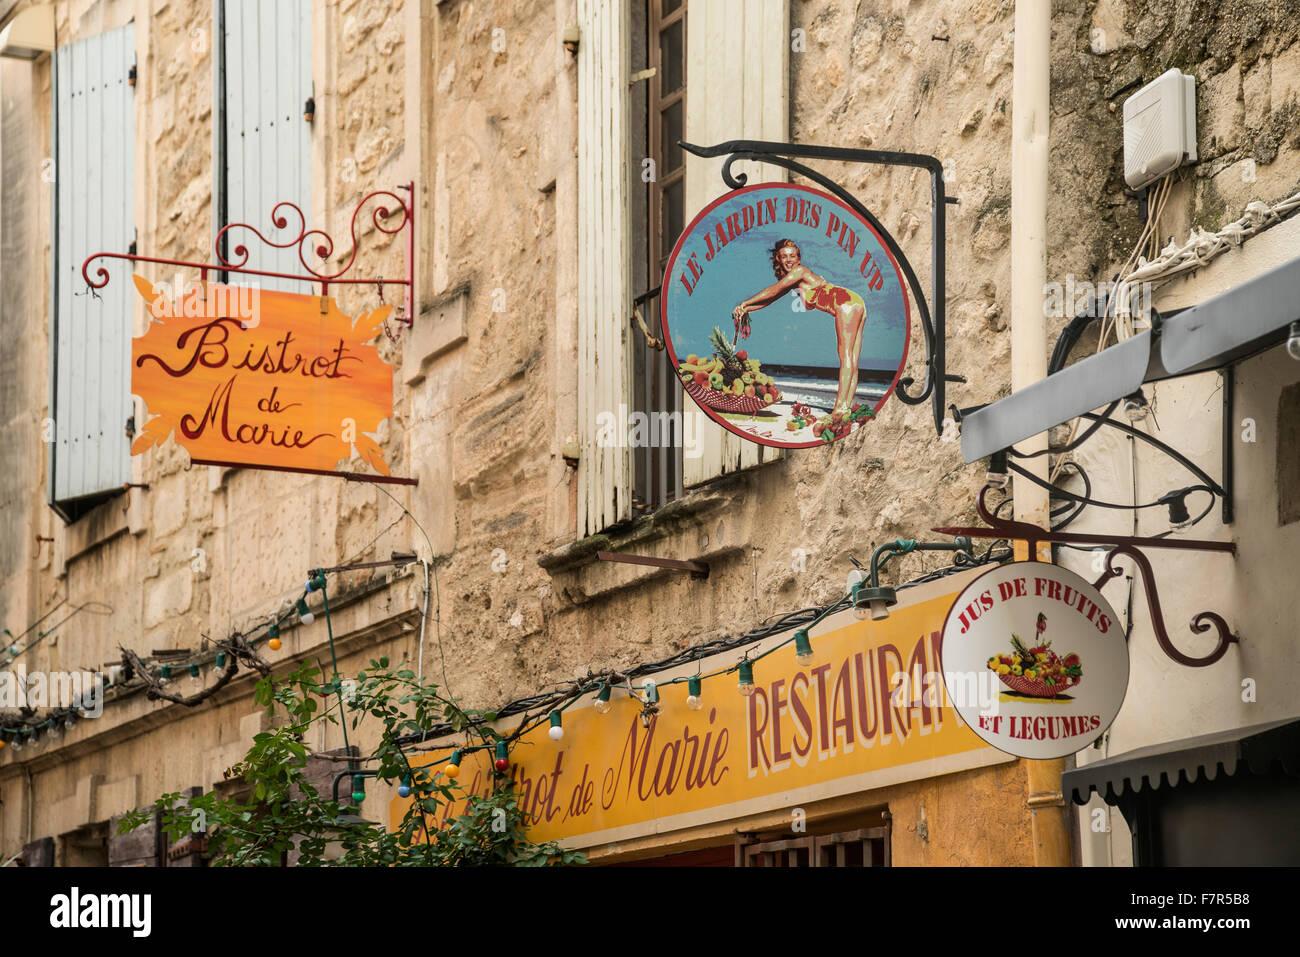 Bistrot de Maie ,  Le Jardin des Pin Up, St. Remy de Provence, France - Stock Image